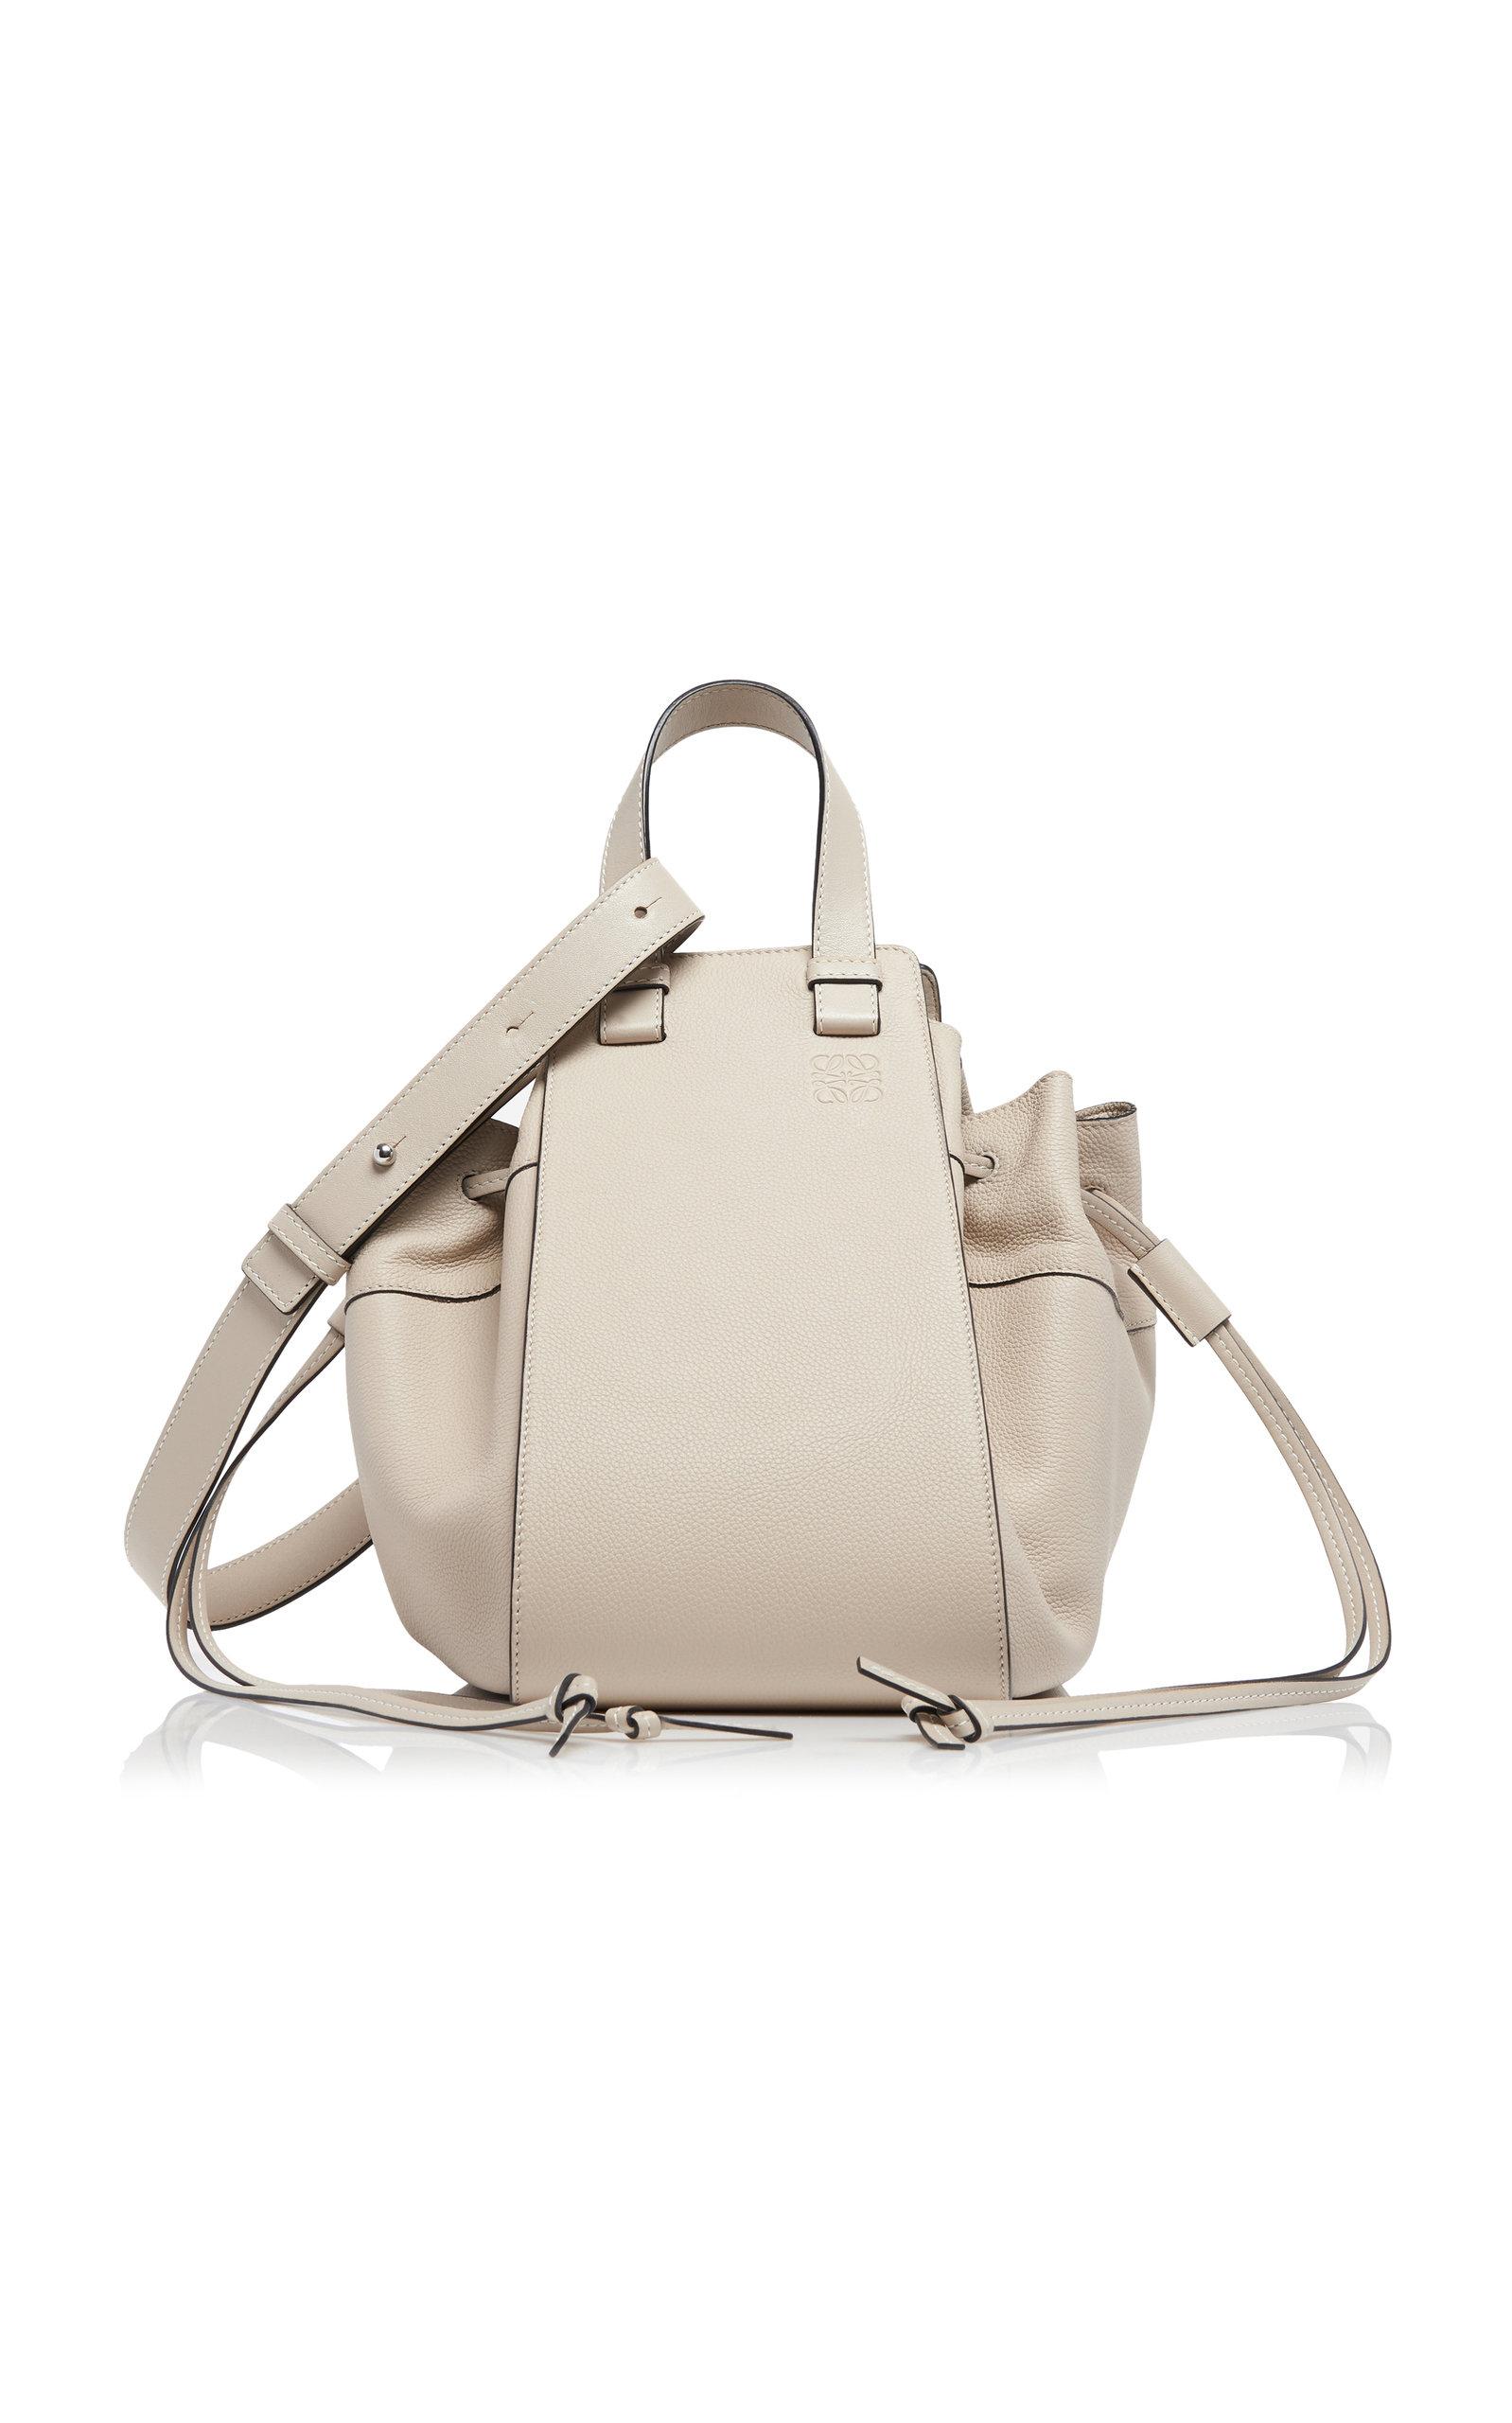 LOEWE   Loewe Hammock DW Medium Leather Shoulder Bag   Goxip